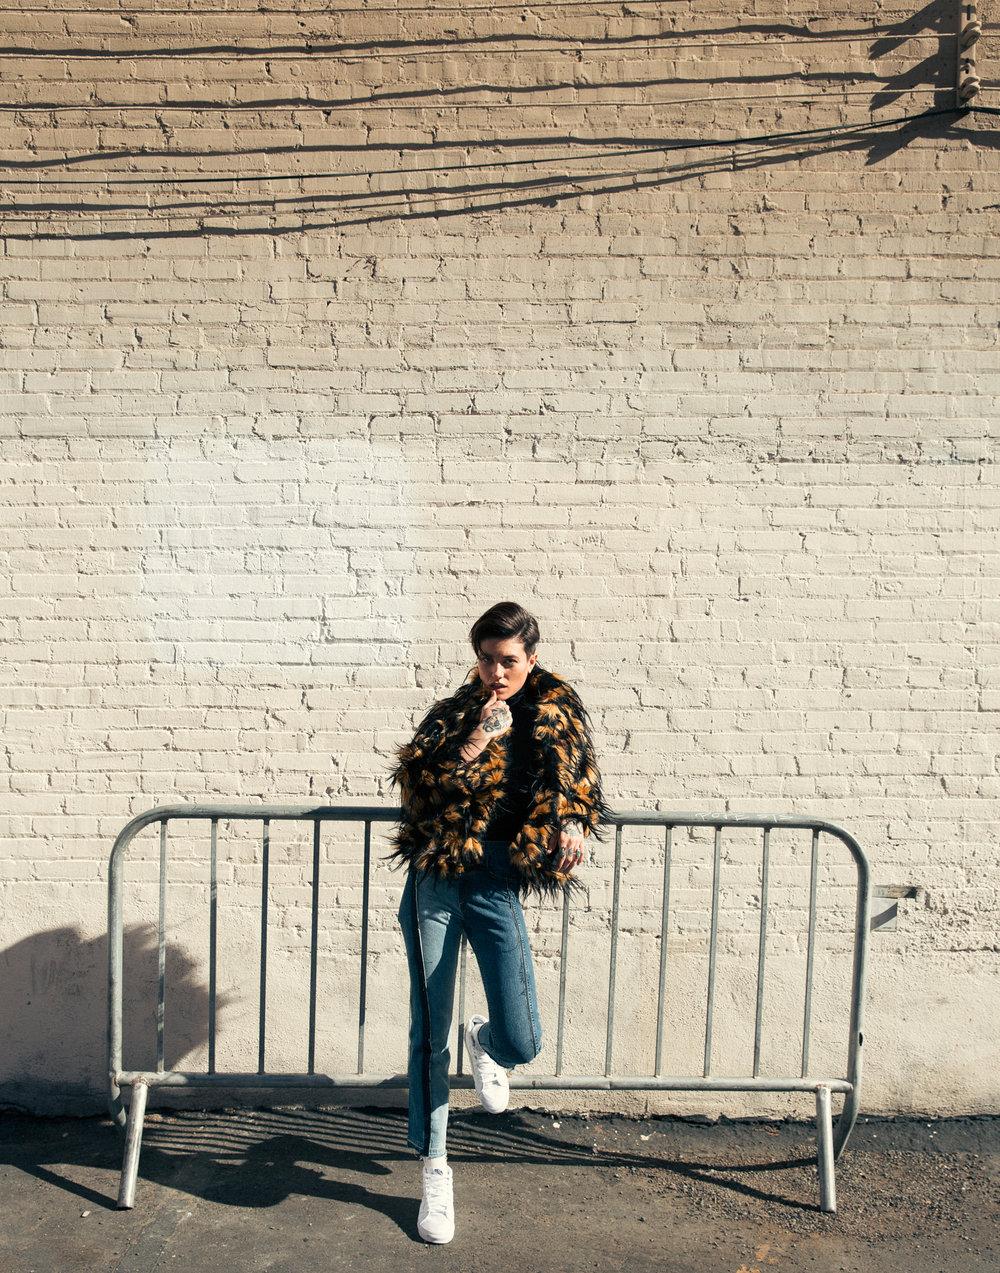 Dries Van Noten,Wolford Turtleneck,Rag and Bone Jeans,Vans Sneakers